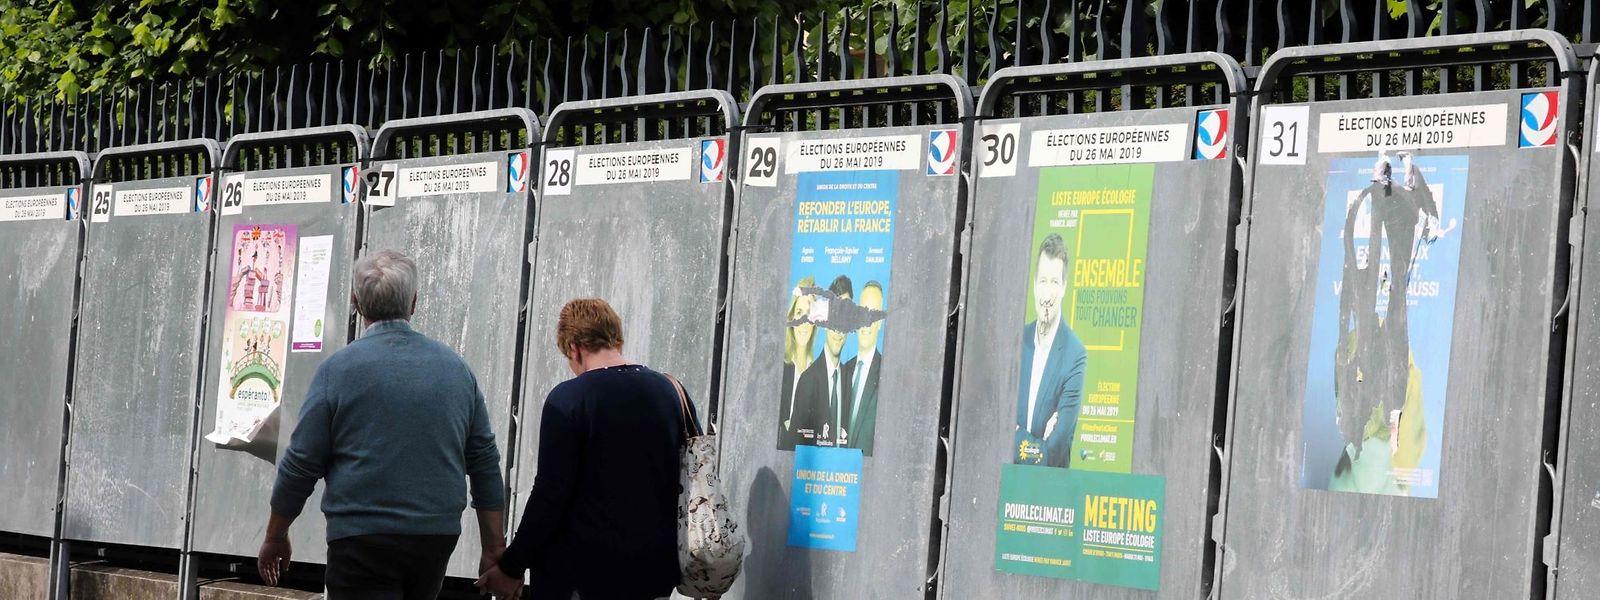 Seuls 38% des citoyens de l'UE connaissent la date des prochaines élections européennes.